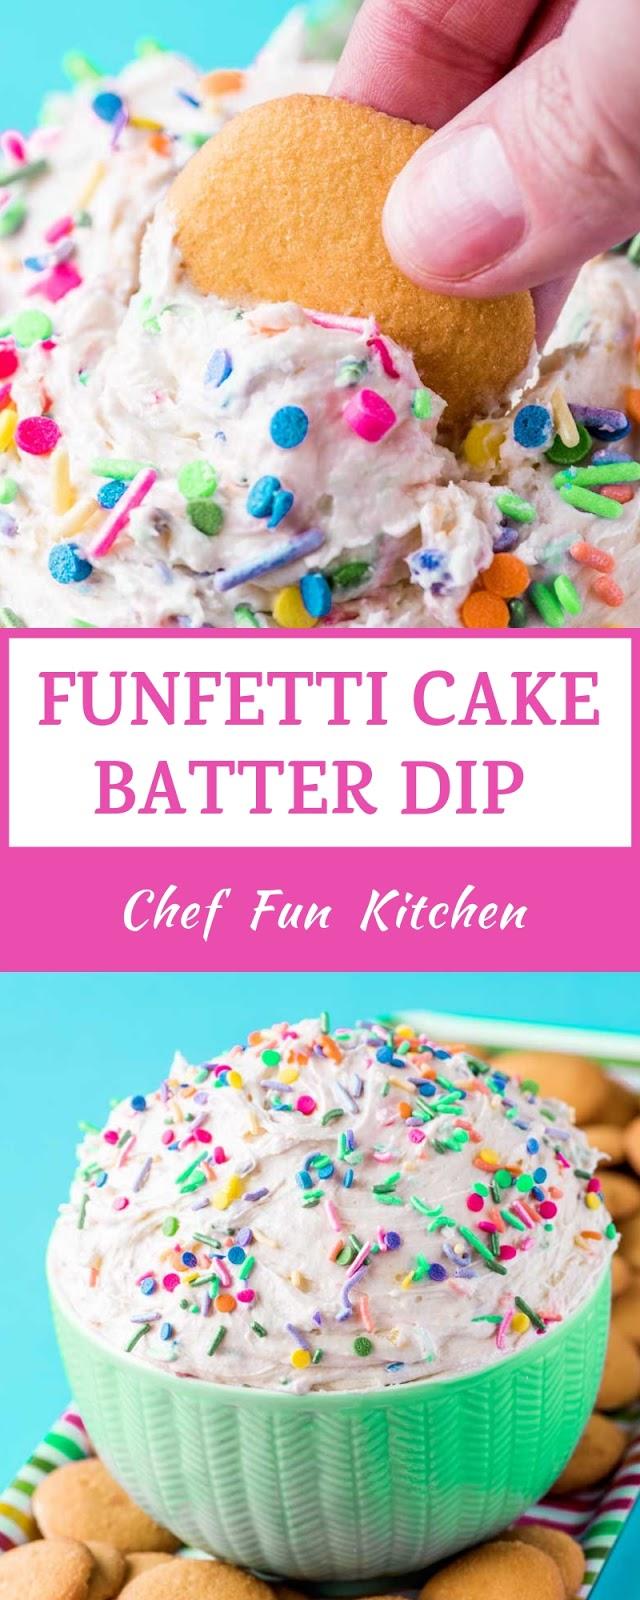 FUNFETTI CAKE BATTER DIP